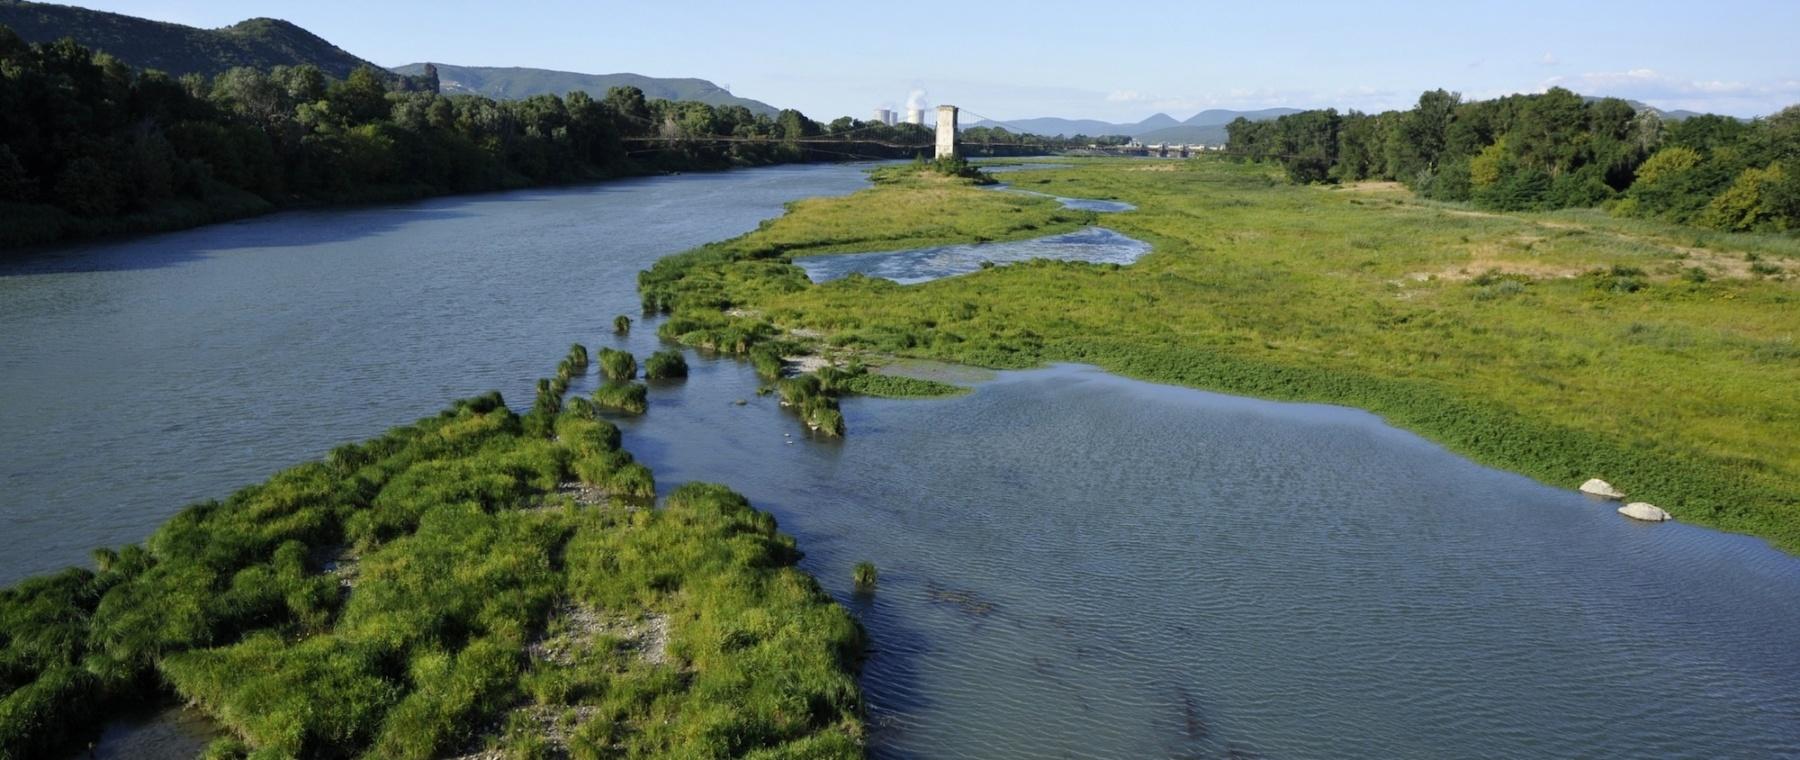 Bras du Rhône entre Le Teil et Rochemaure (07) © M. Rougy/Auvergne-Rhône-Alpes Tourisme